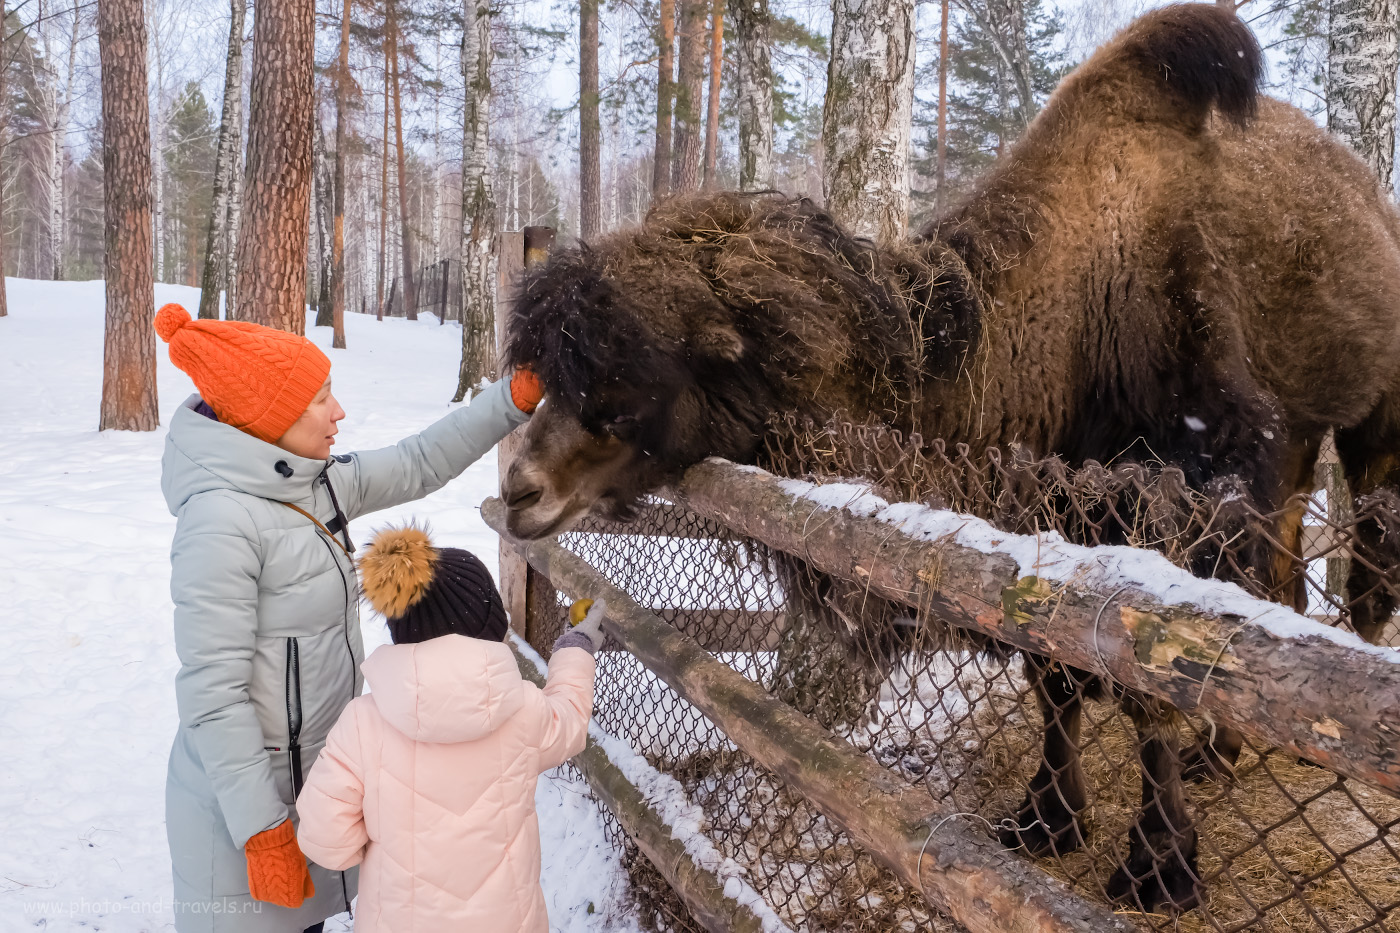 18. По словам хозяина фермы, скоро этому верблюду привезут подругу. Её купили в хозяйстве в Астраханской области. 1/100, 13.0, 3200, 27.